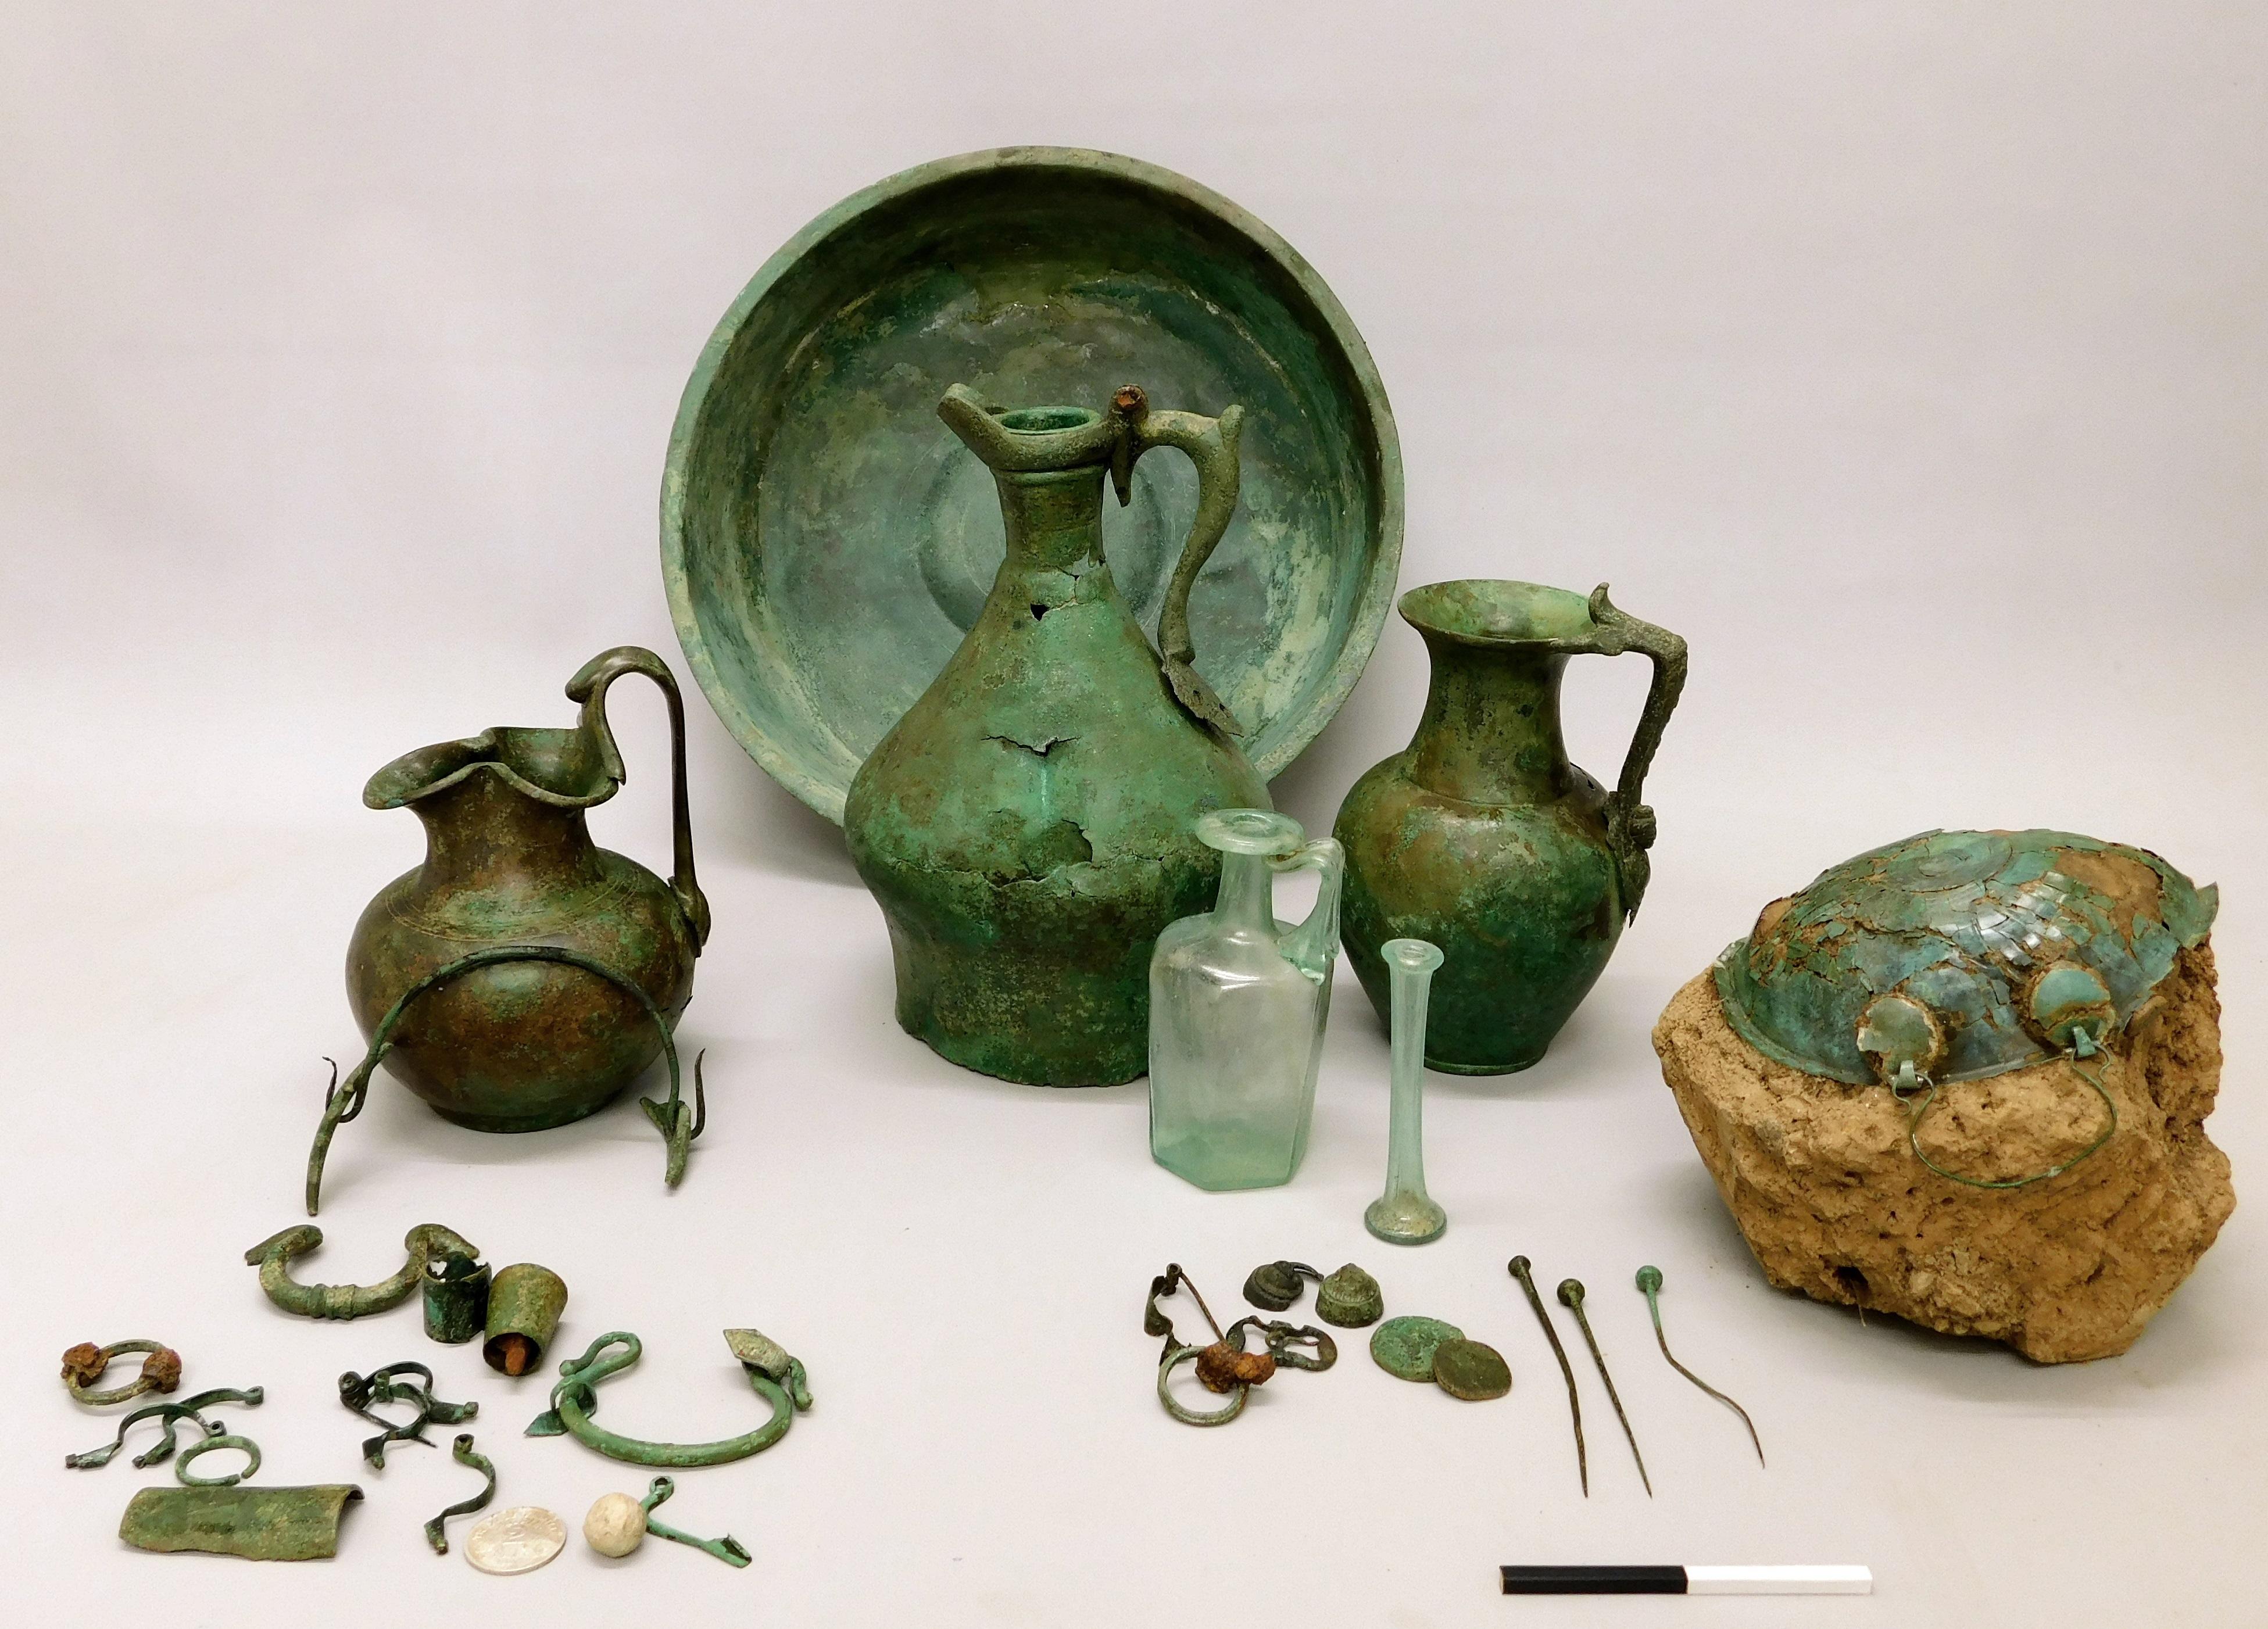 180308_168091_bronzen-voorwerpen-opgegraven_tcm21-133558.jpg